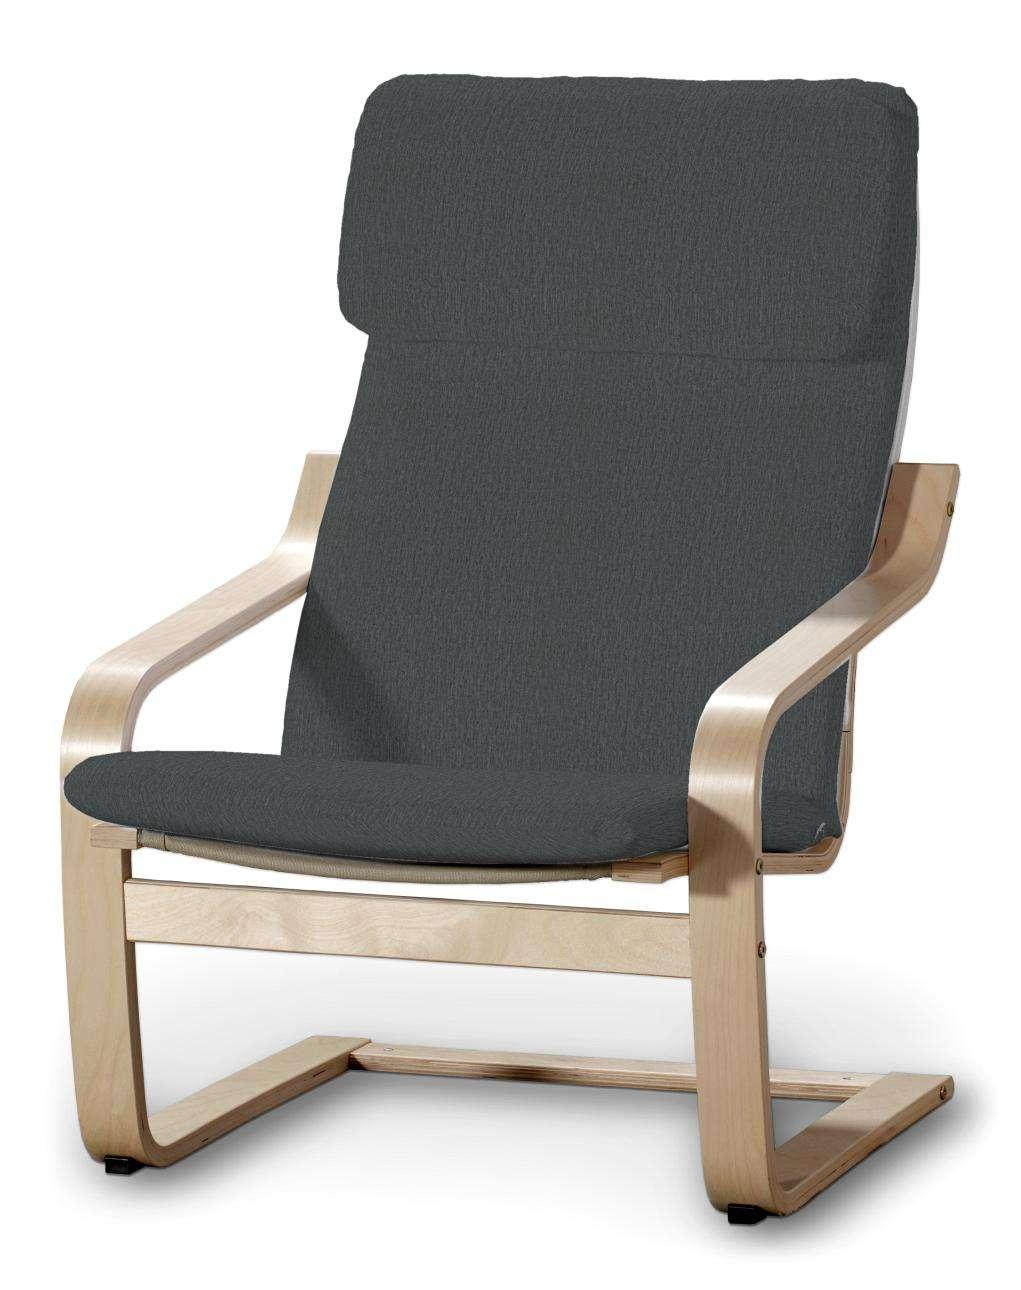 Poduszka na fotel Poäng Fotel Poäng w kolekcji Chenille, tkanina: 702-20